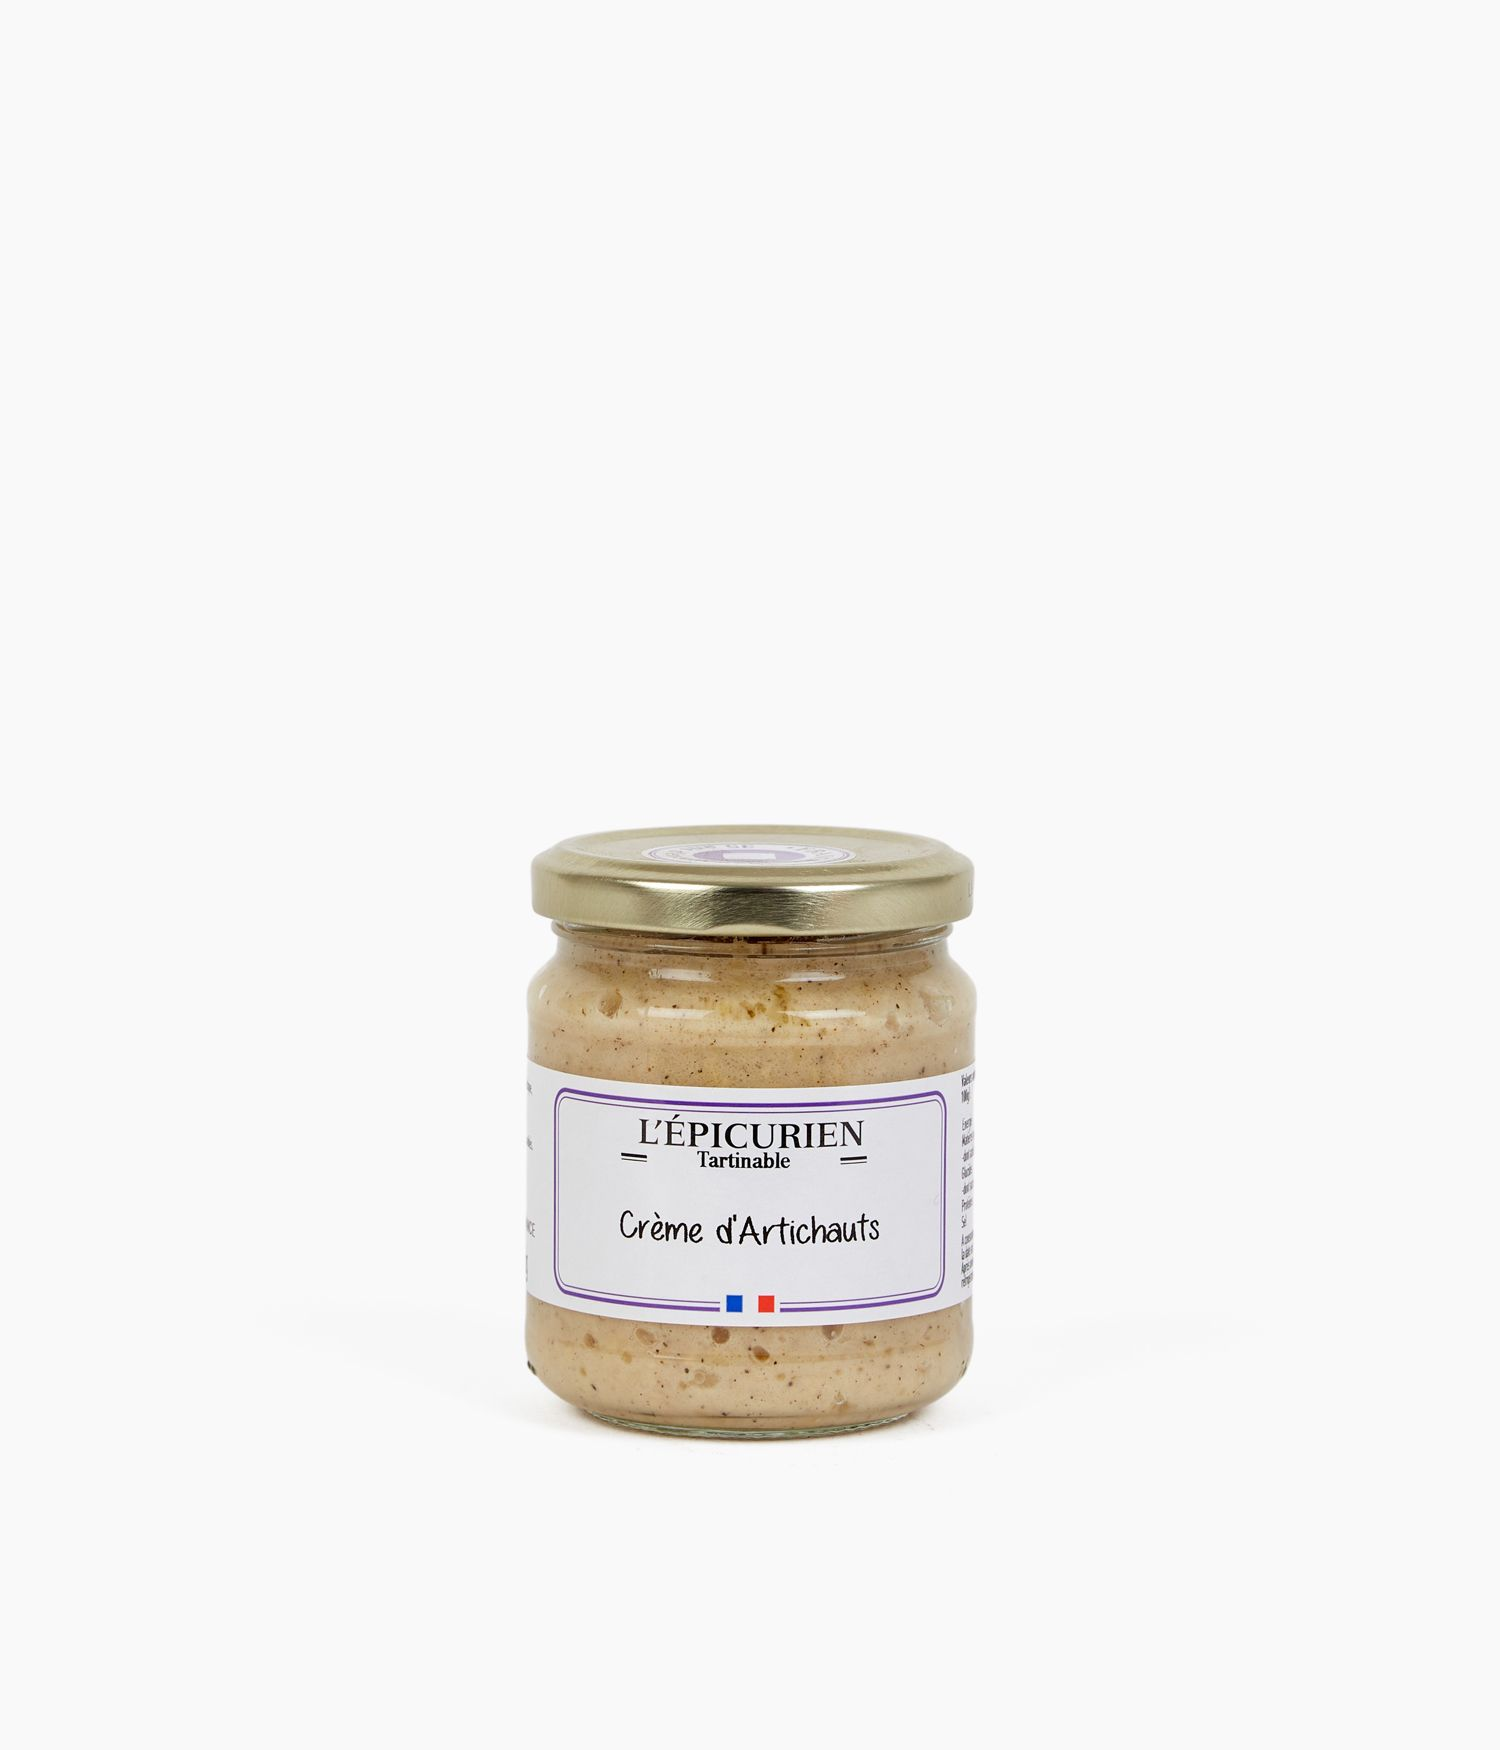 creme d'artichaut